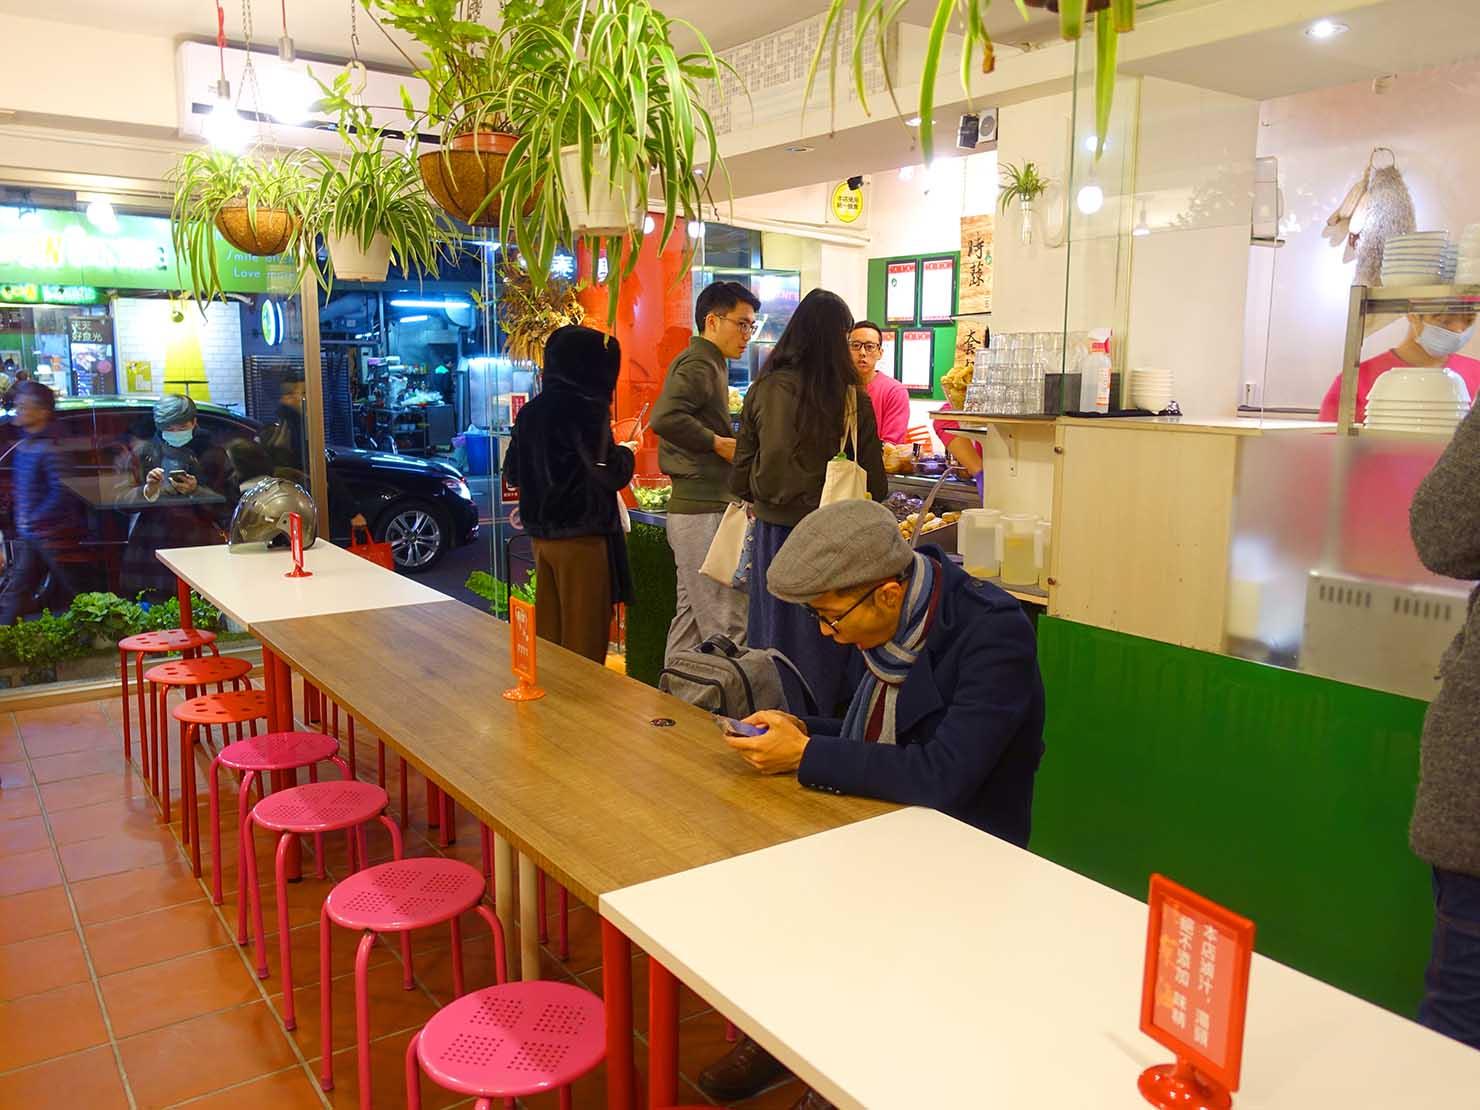 台北101エリア・市政府駅周辺のおすすめ台湾グルメ「清菜滷」の店内